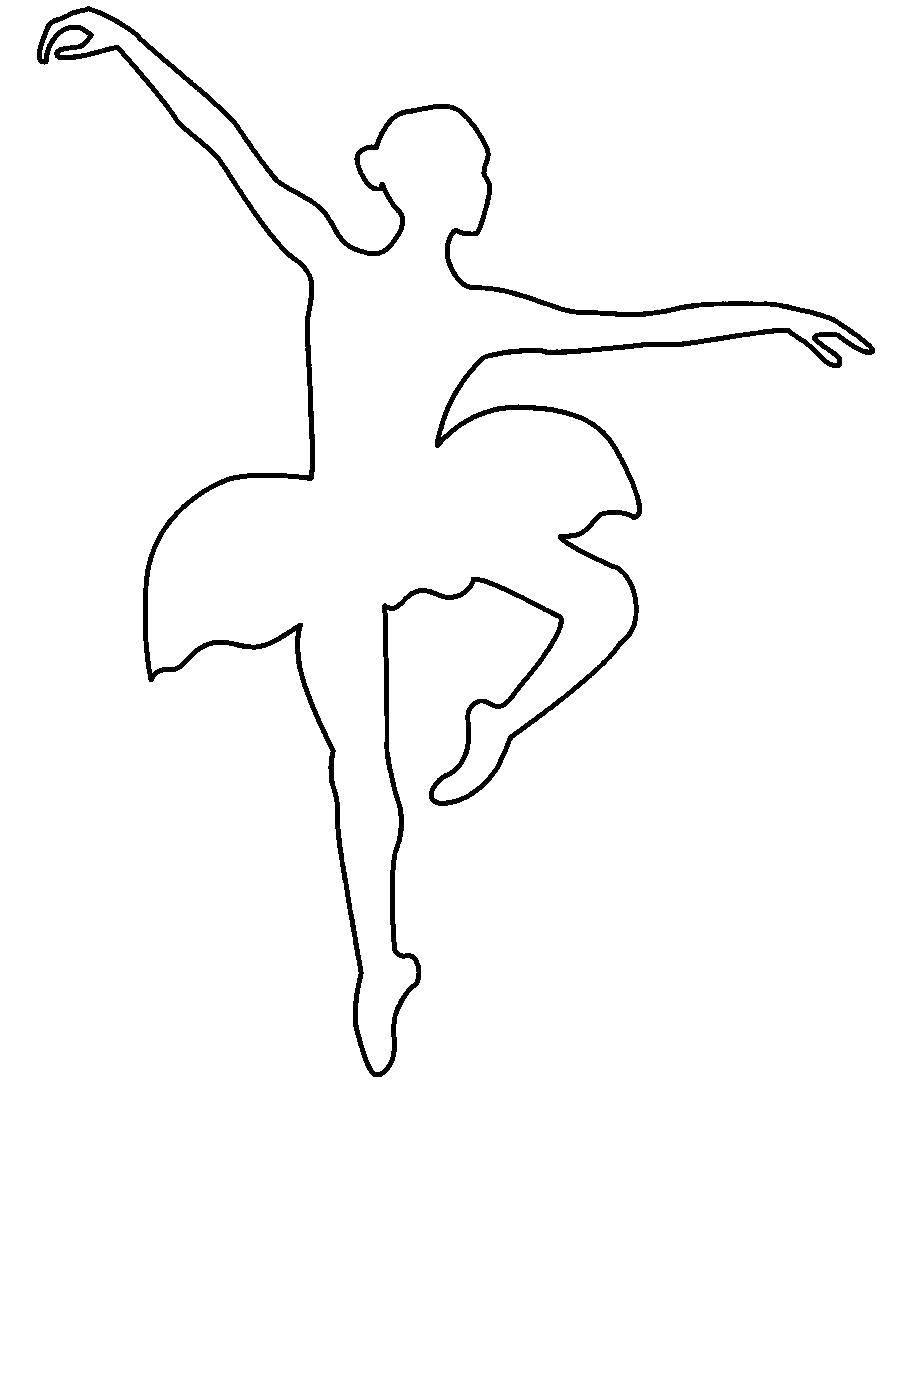 Раскраски Контуры балерина Раскраски Контуры балерина, танцующая балерина, раскраски для малышей